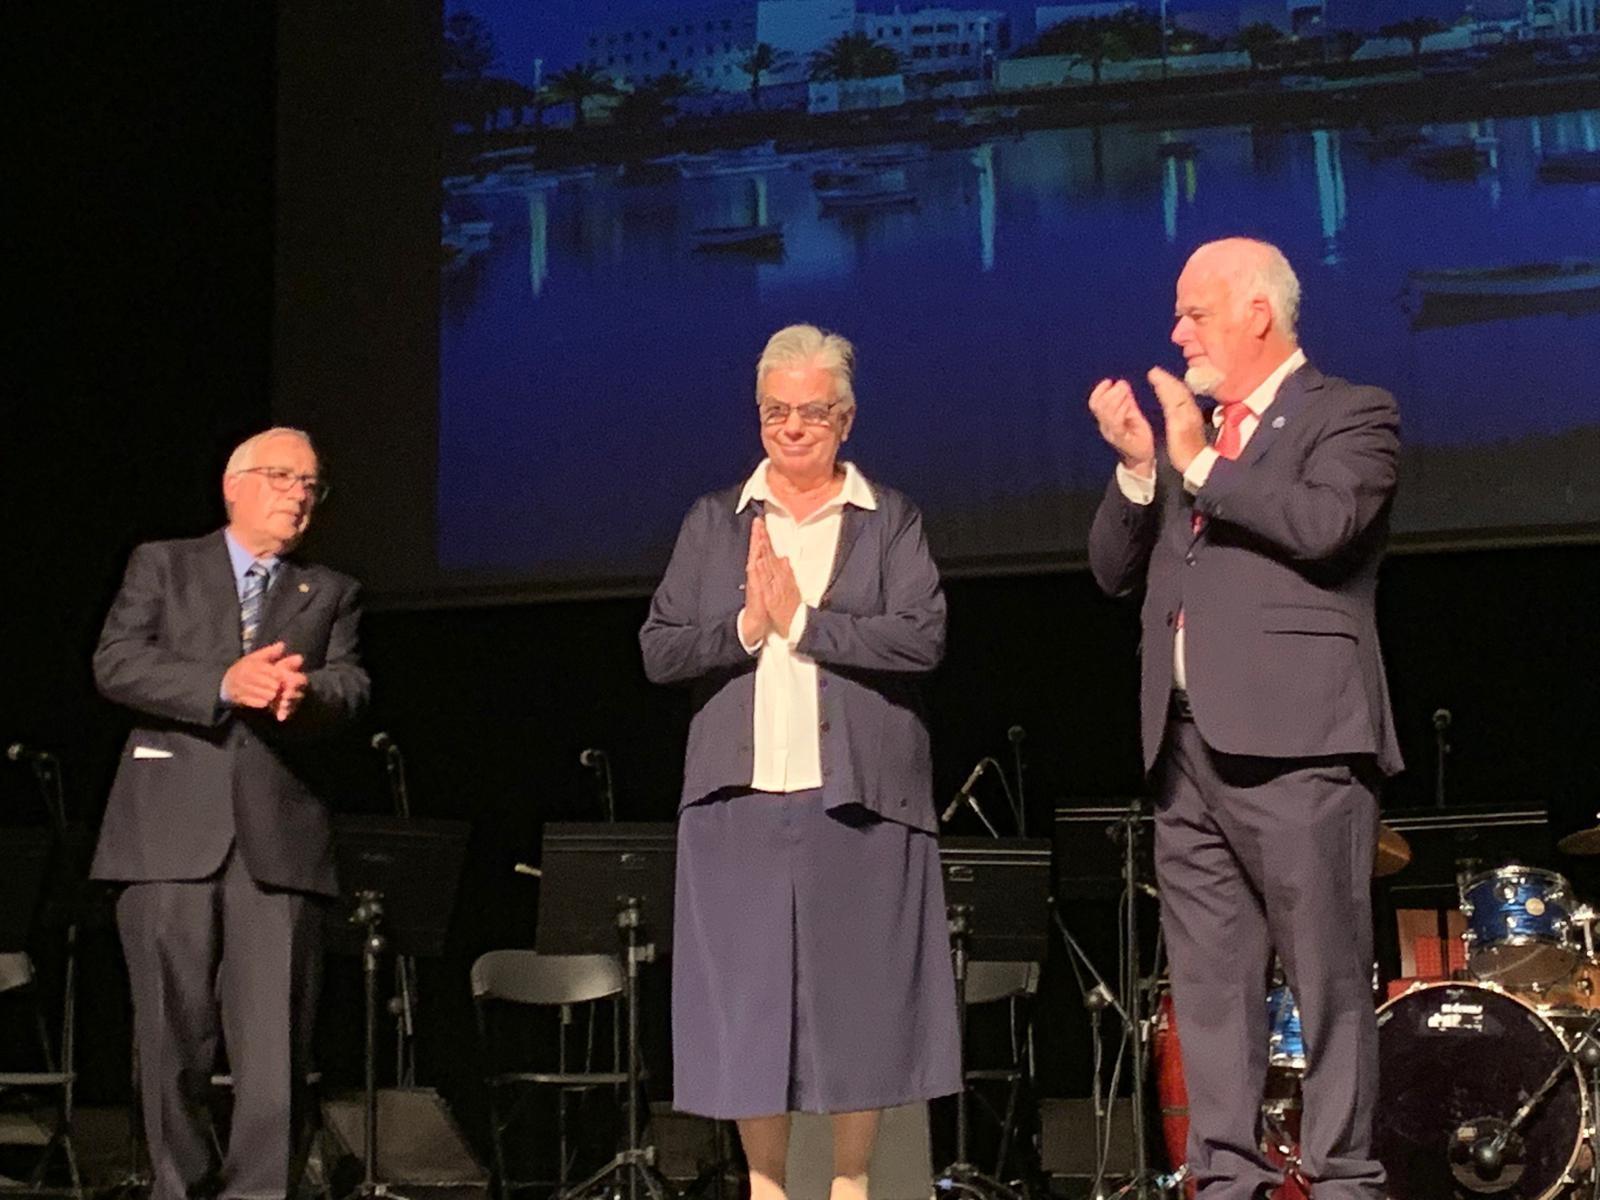 Sor Ana recibe el Tenerife el premio Mujer Canaria 2019 por su 'corazón solidario'